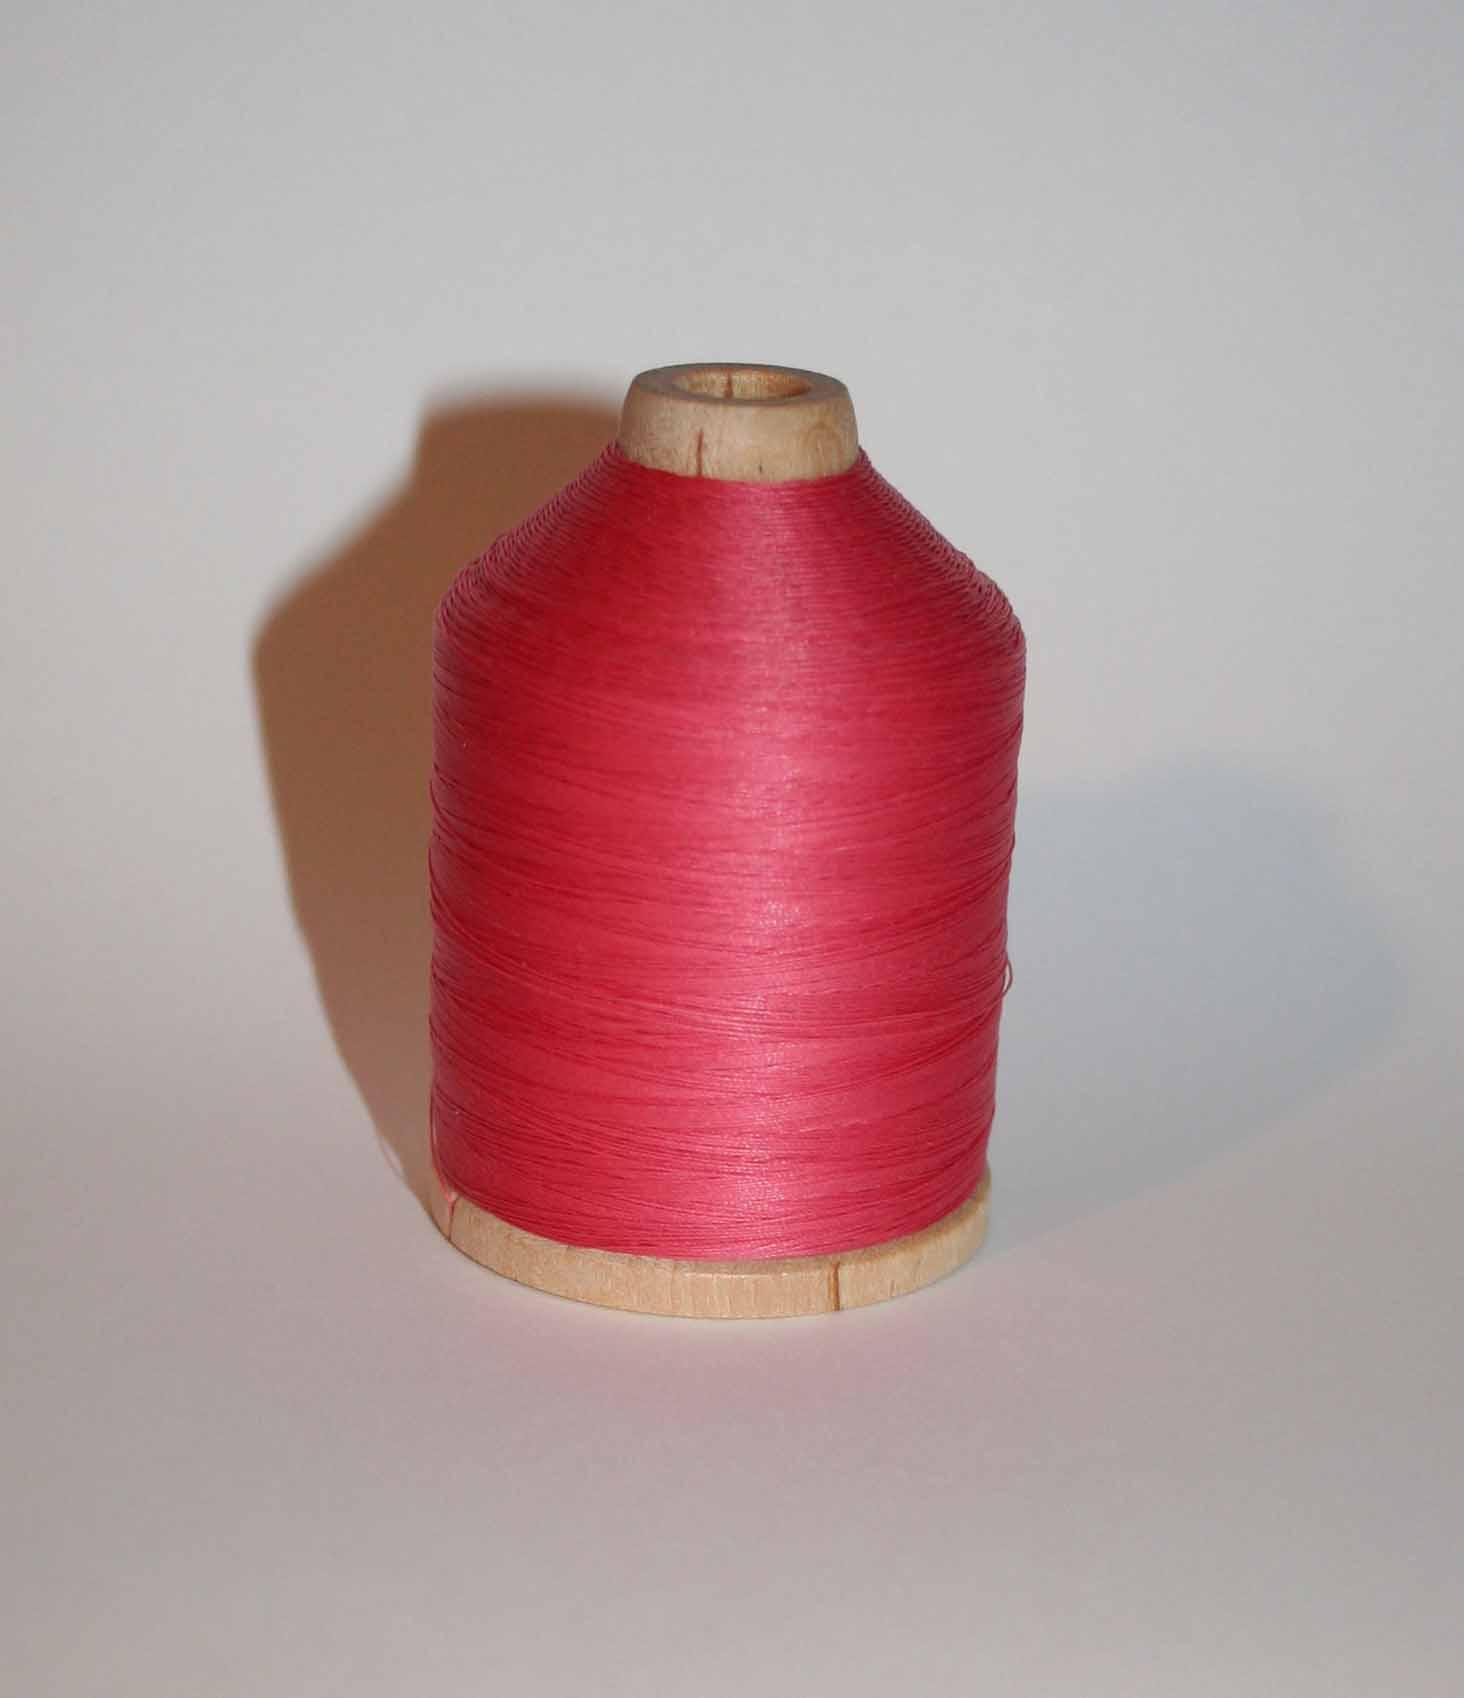 Yli Quilting Thread Rose 1000 Yds 018 Ebay